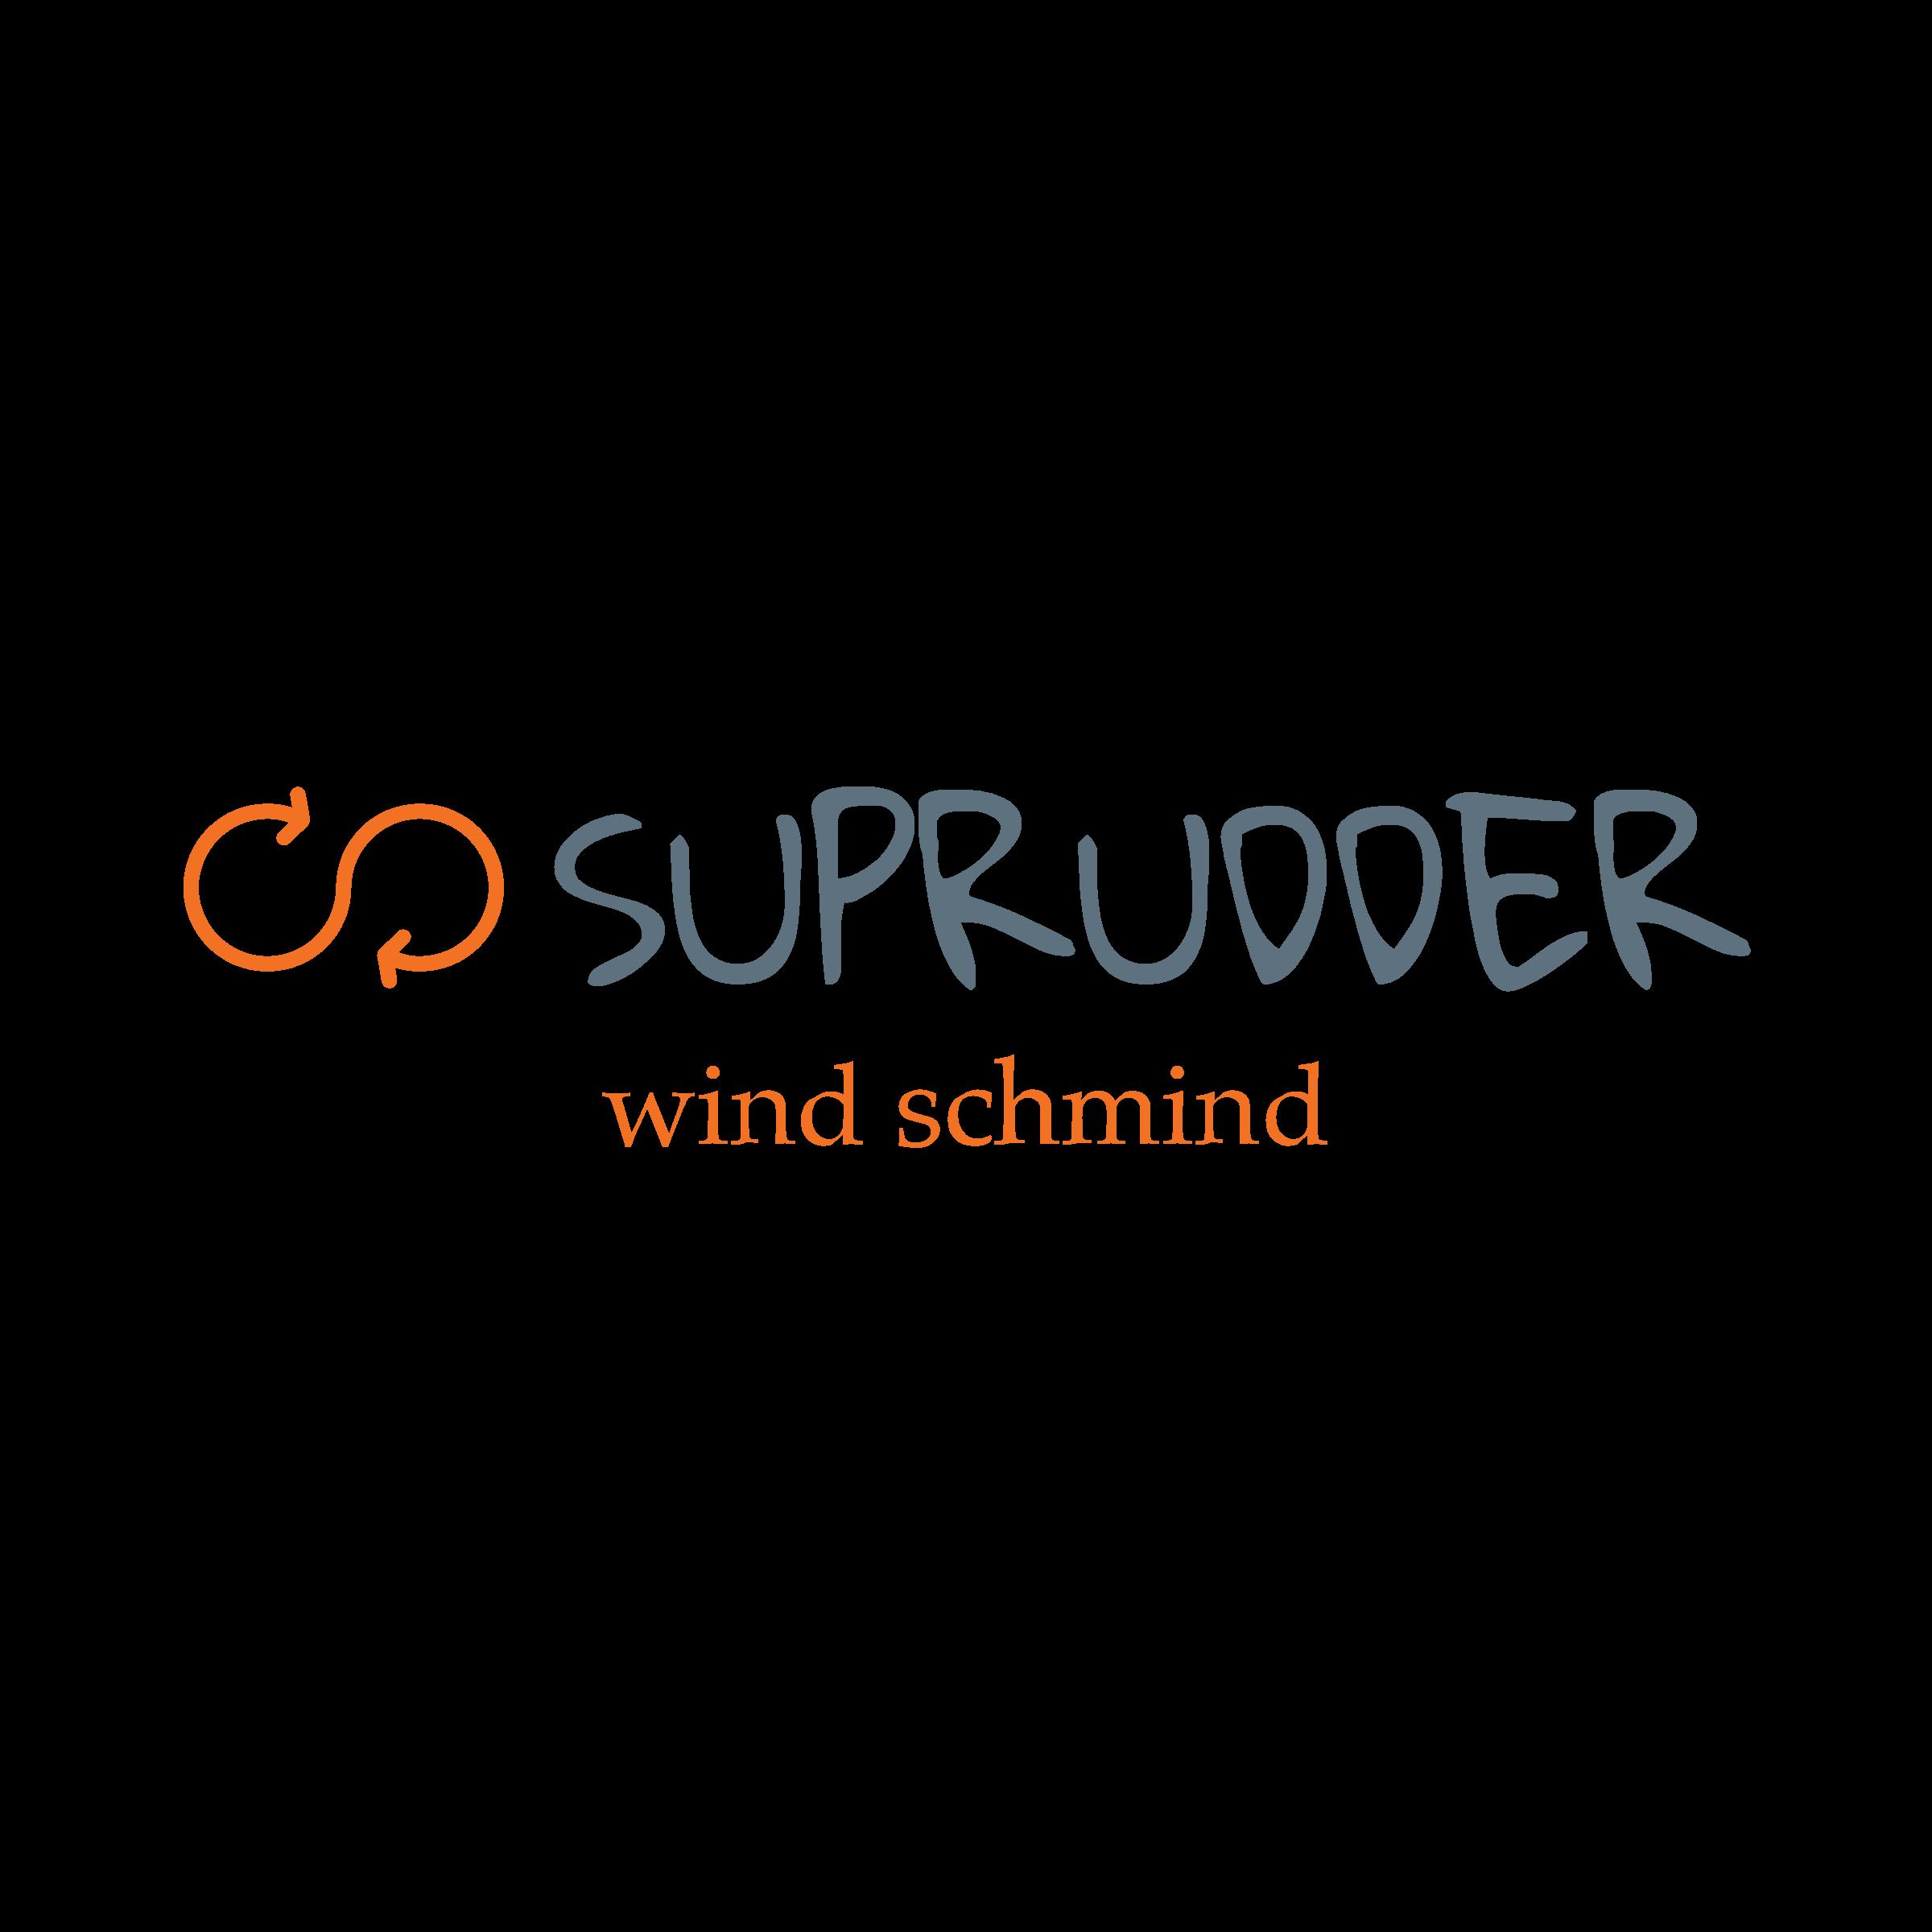 Suprudder logo, wind schmind